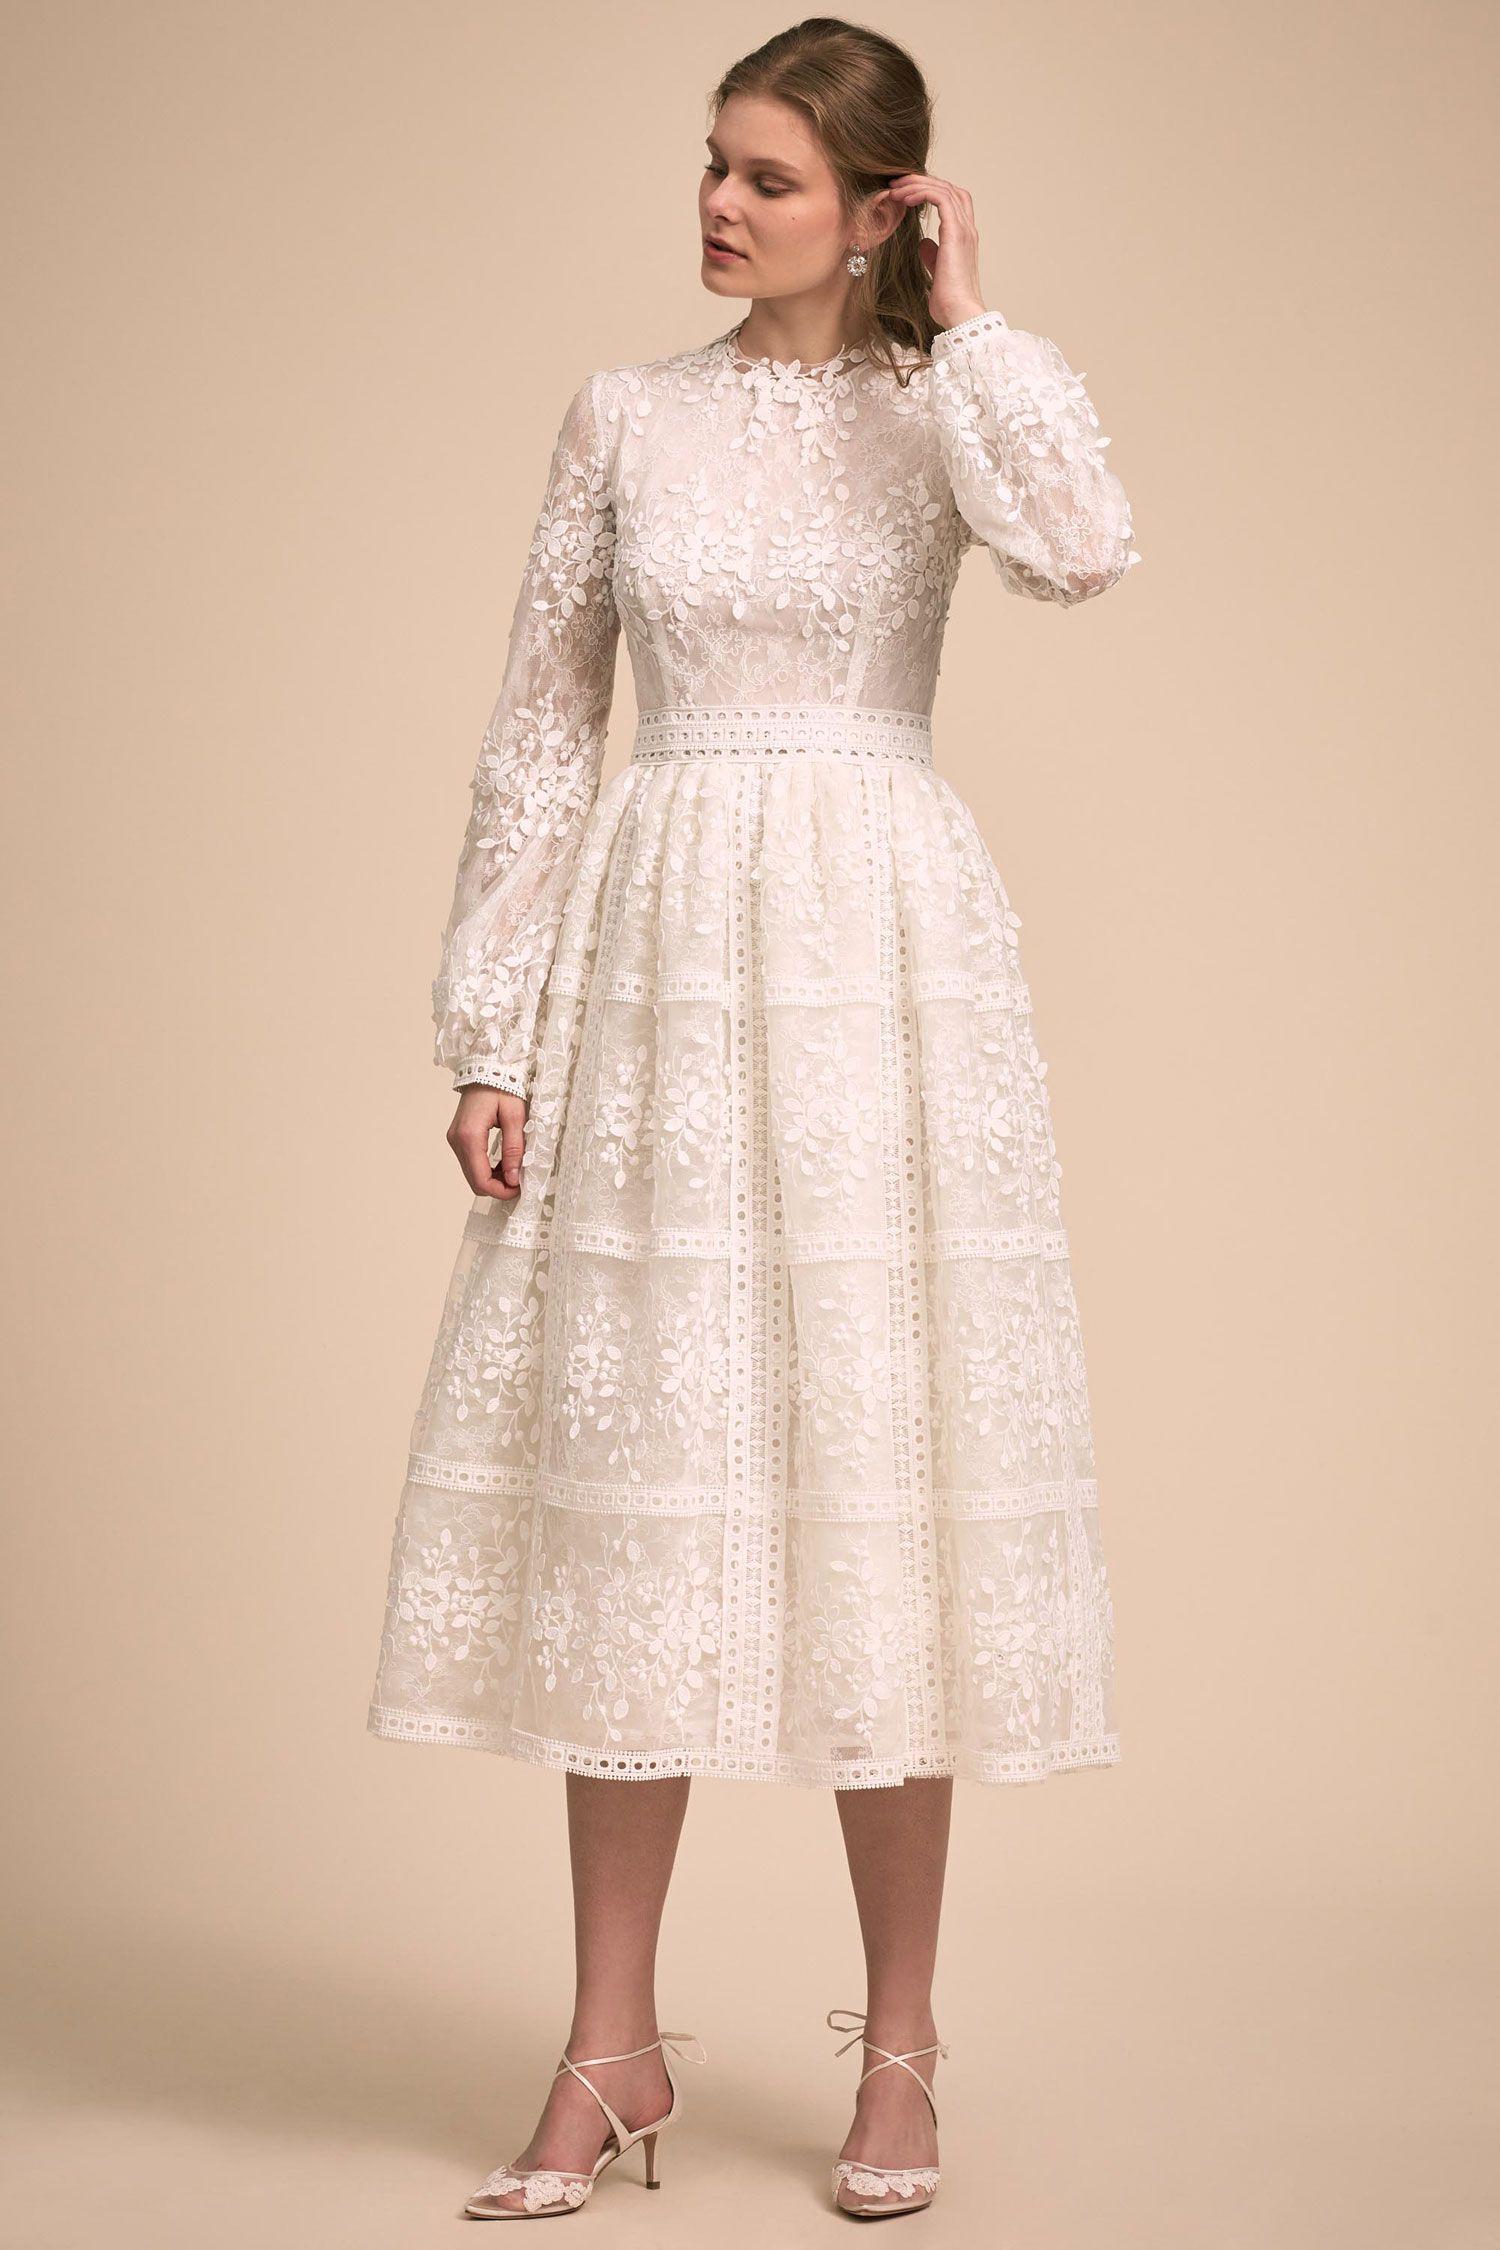 e704e1d4c21b BHLDN The Designer Collective Shaw by Costarellos long sleeve tea length  wedding dress